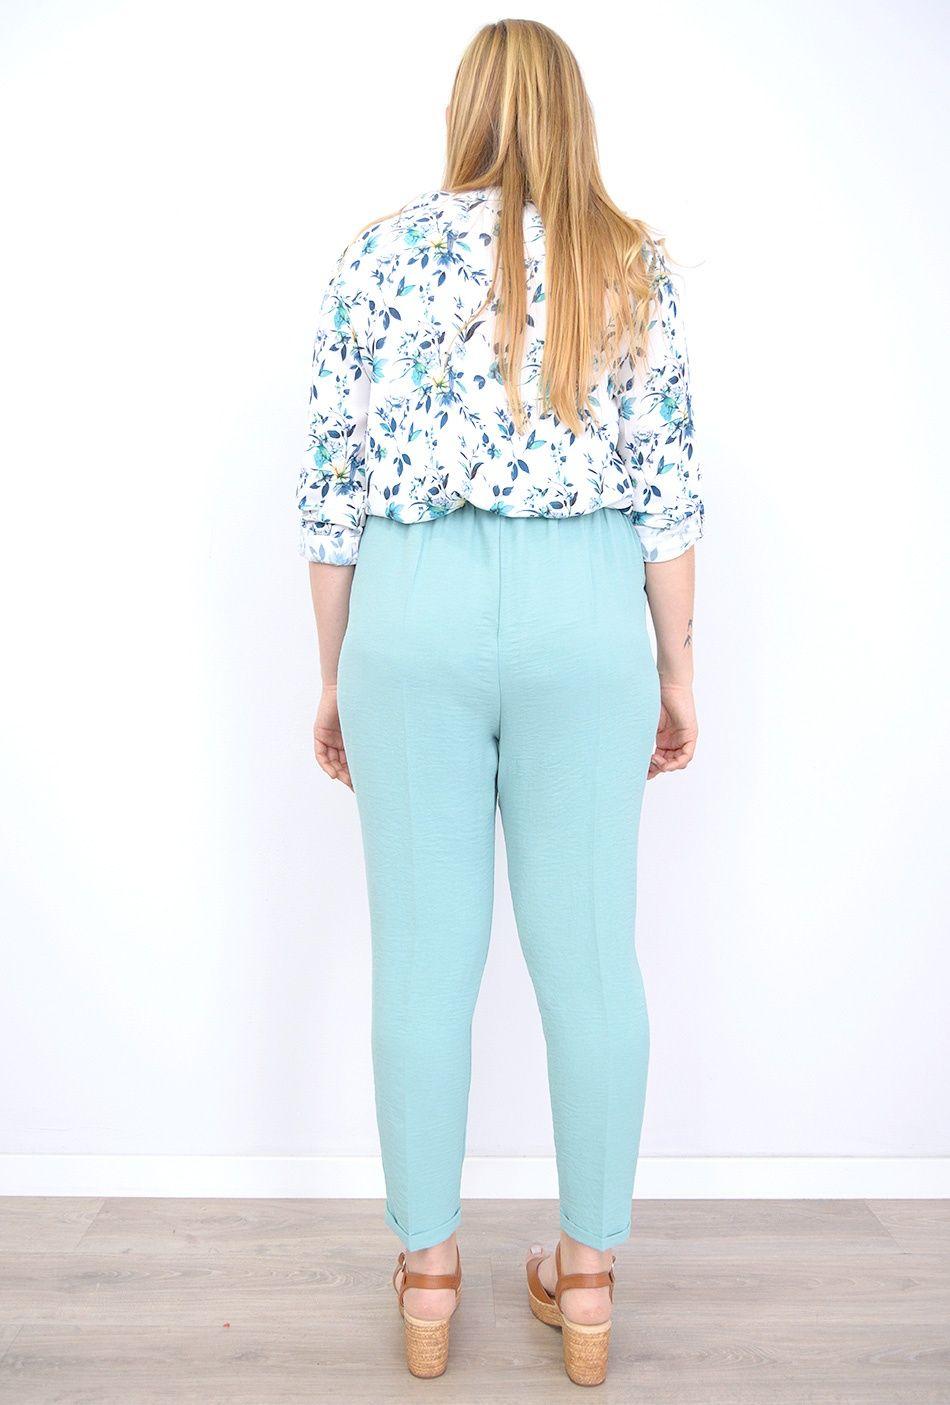 tallas-grandes-de-mujer,moda-tallas-grandes-mujer,moda-curvy,blusas-estampadas-mujer,Camisa de Mujer Primavera